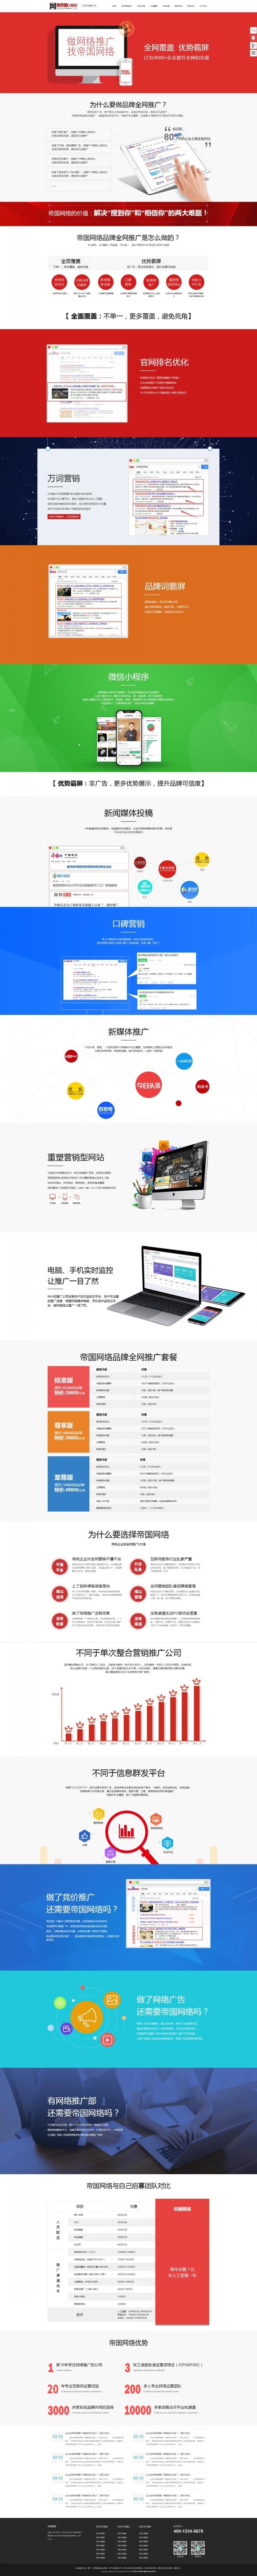 [DG-0184]帝国cms高端网络推广公司网站模板,网络营销策划广告推广公司网站模板(带PC+移动端同步生成插件、独立手机端) 企业模板 第2张